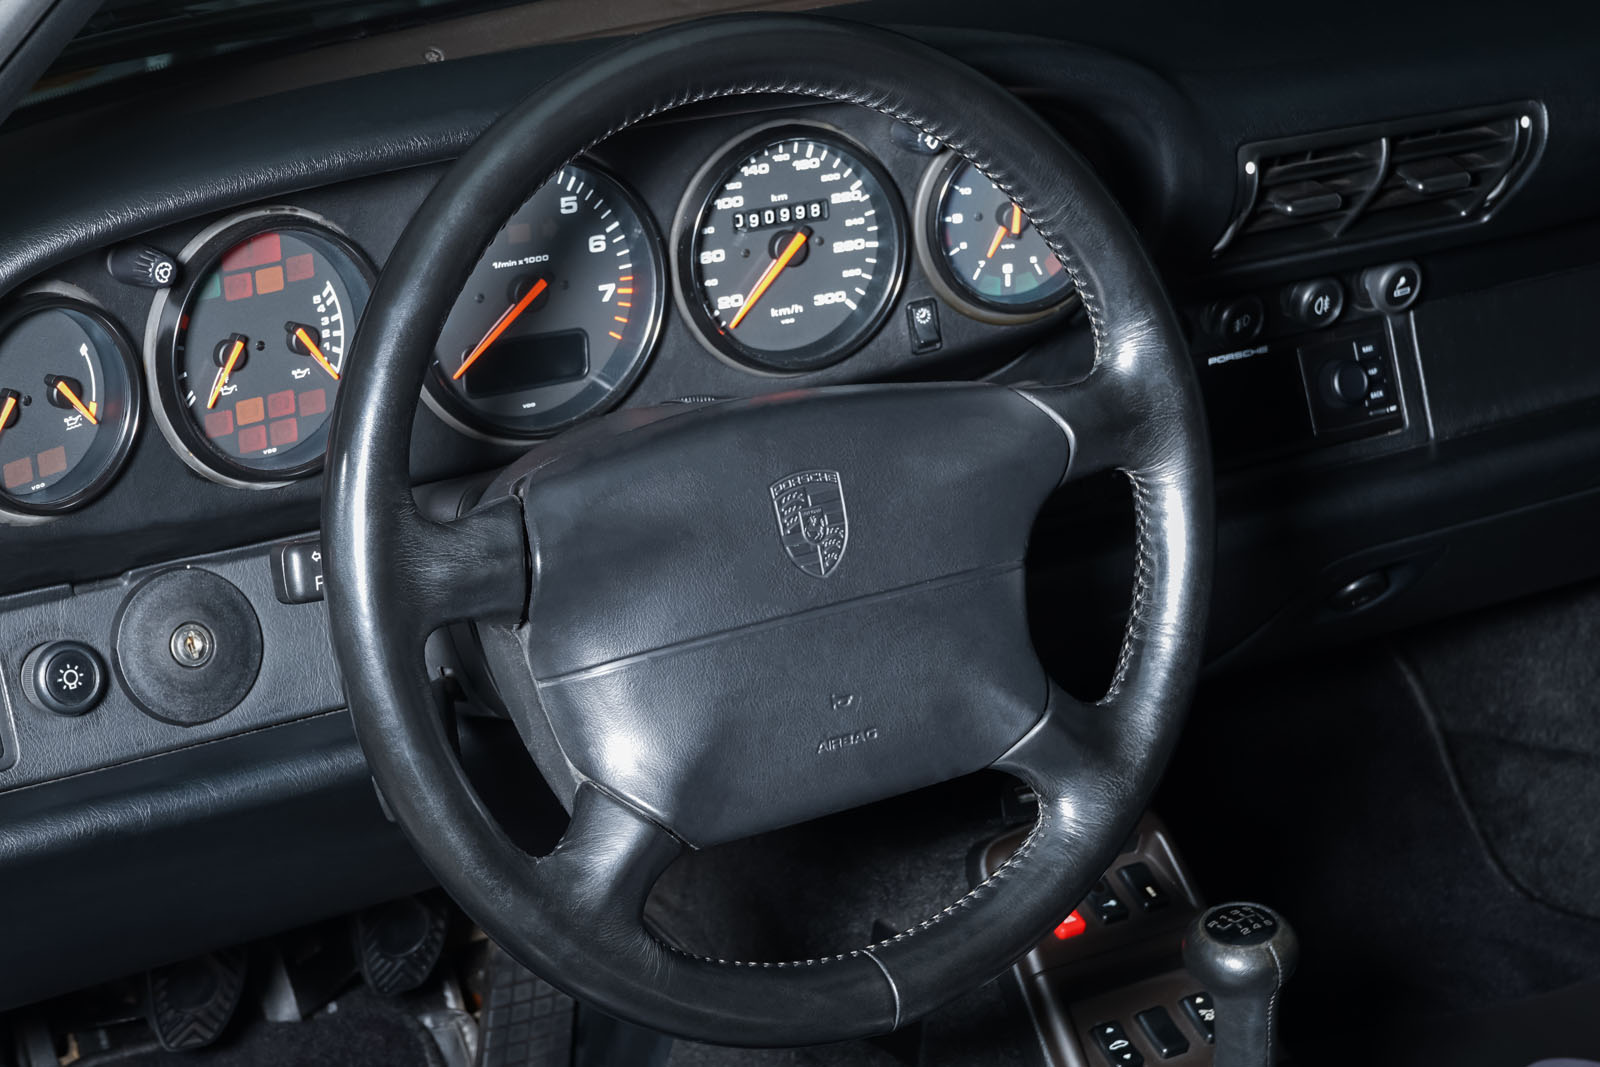 Porsche_993_Carrera_Cabrio_Grau_Schwarz_POR-2375_10_w